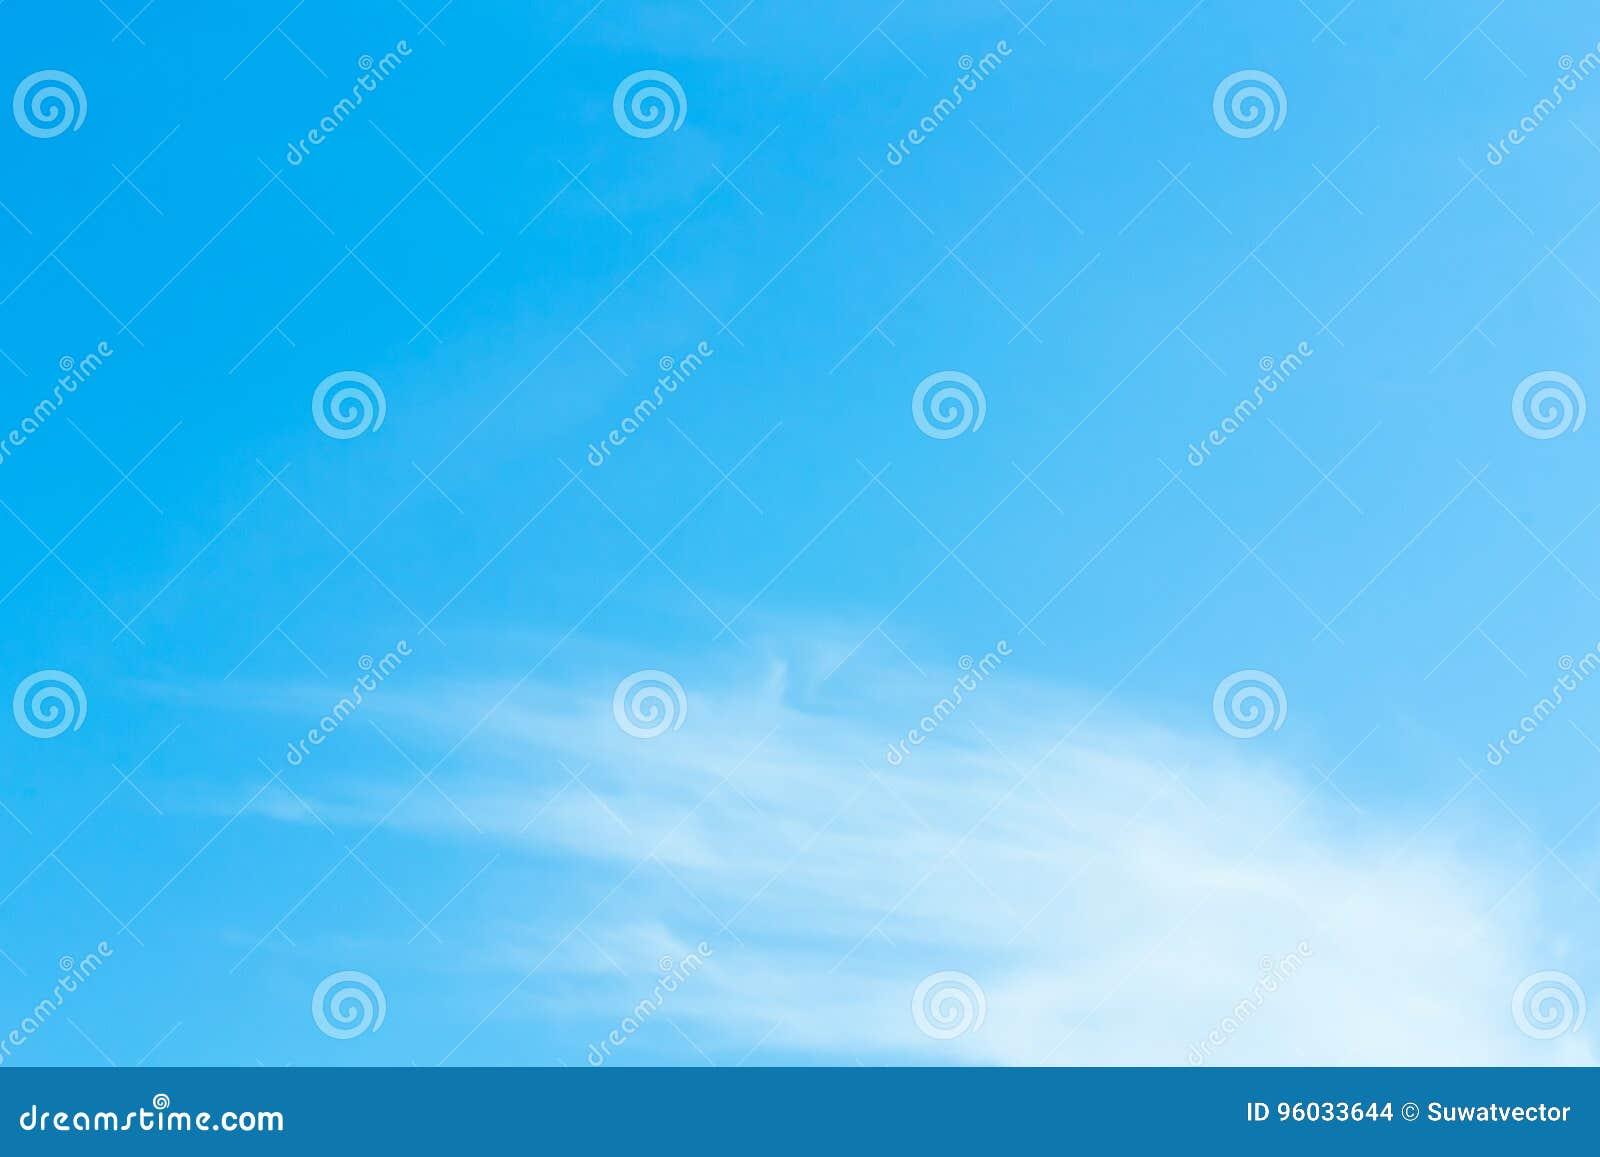 Tła niebieskie niebo